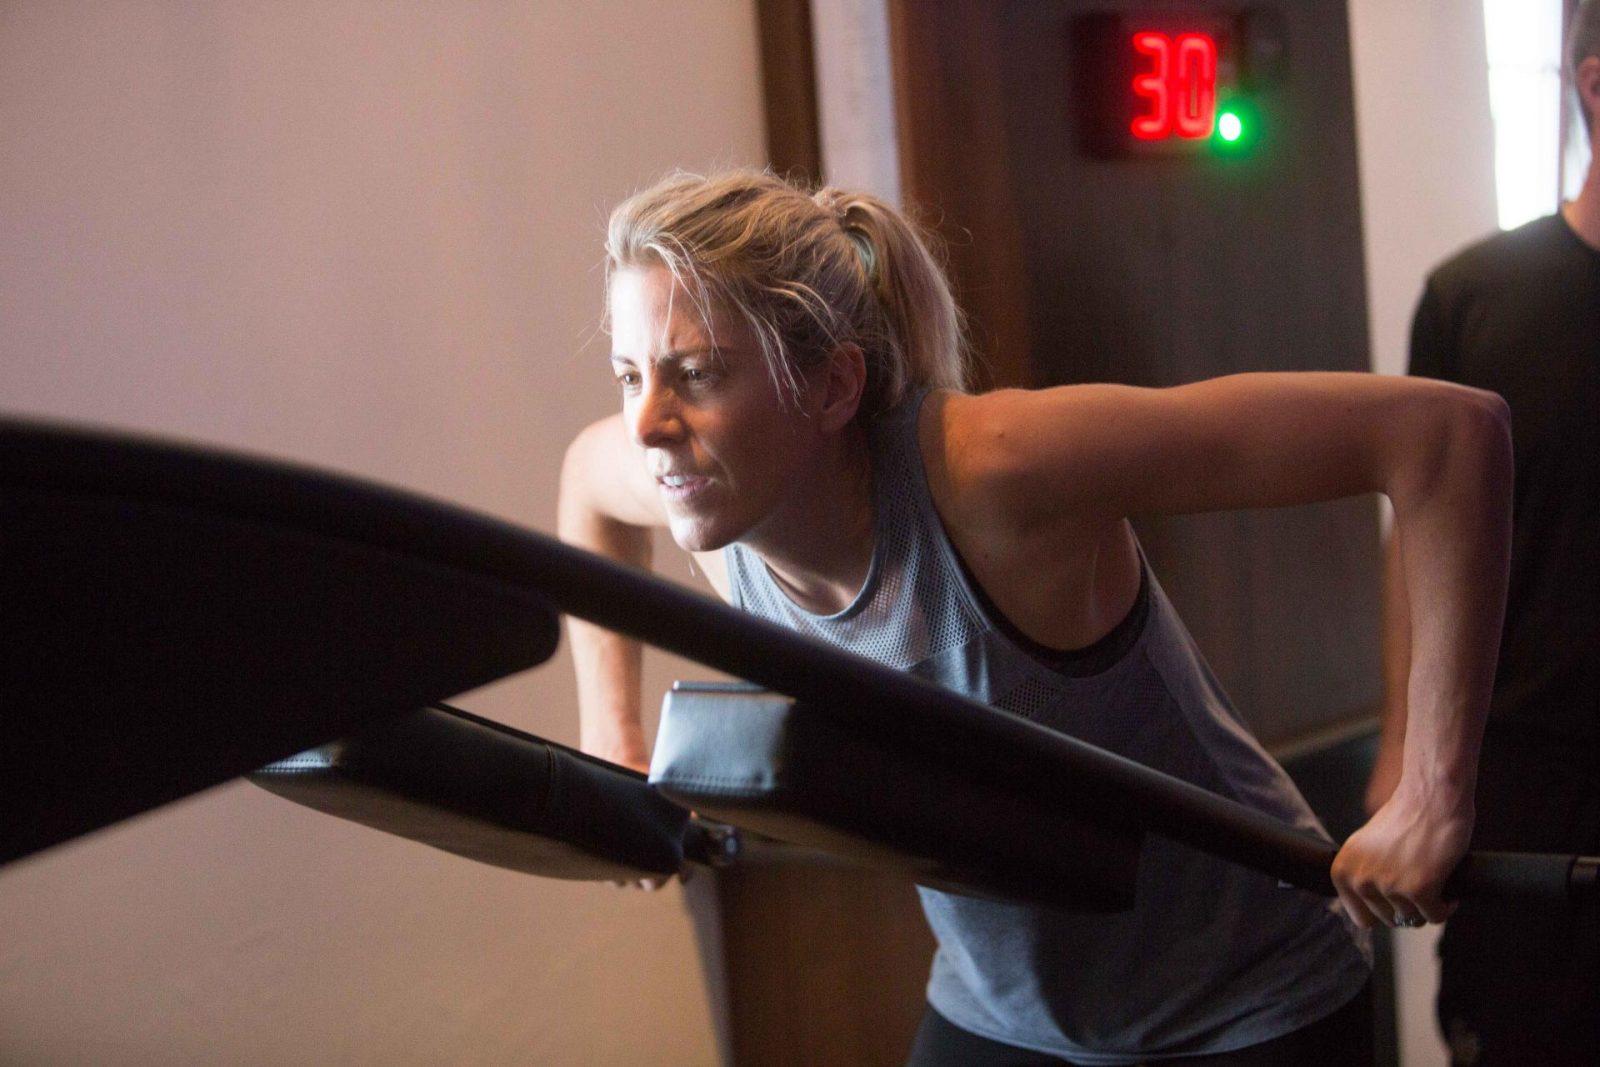 Speedflex workout with Alan Shearer & Leanmeanmomma